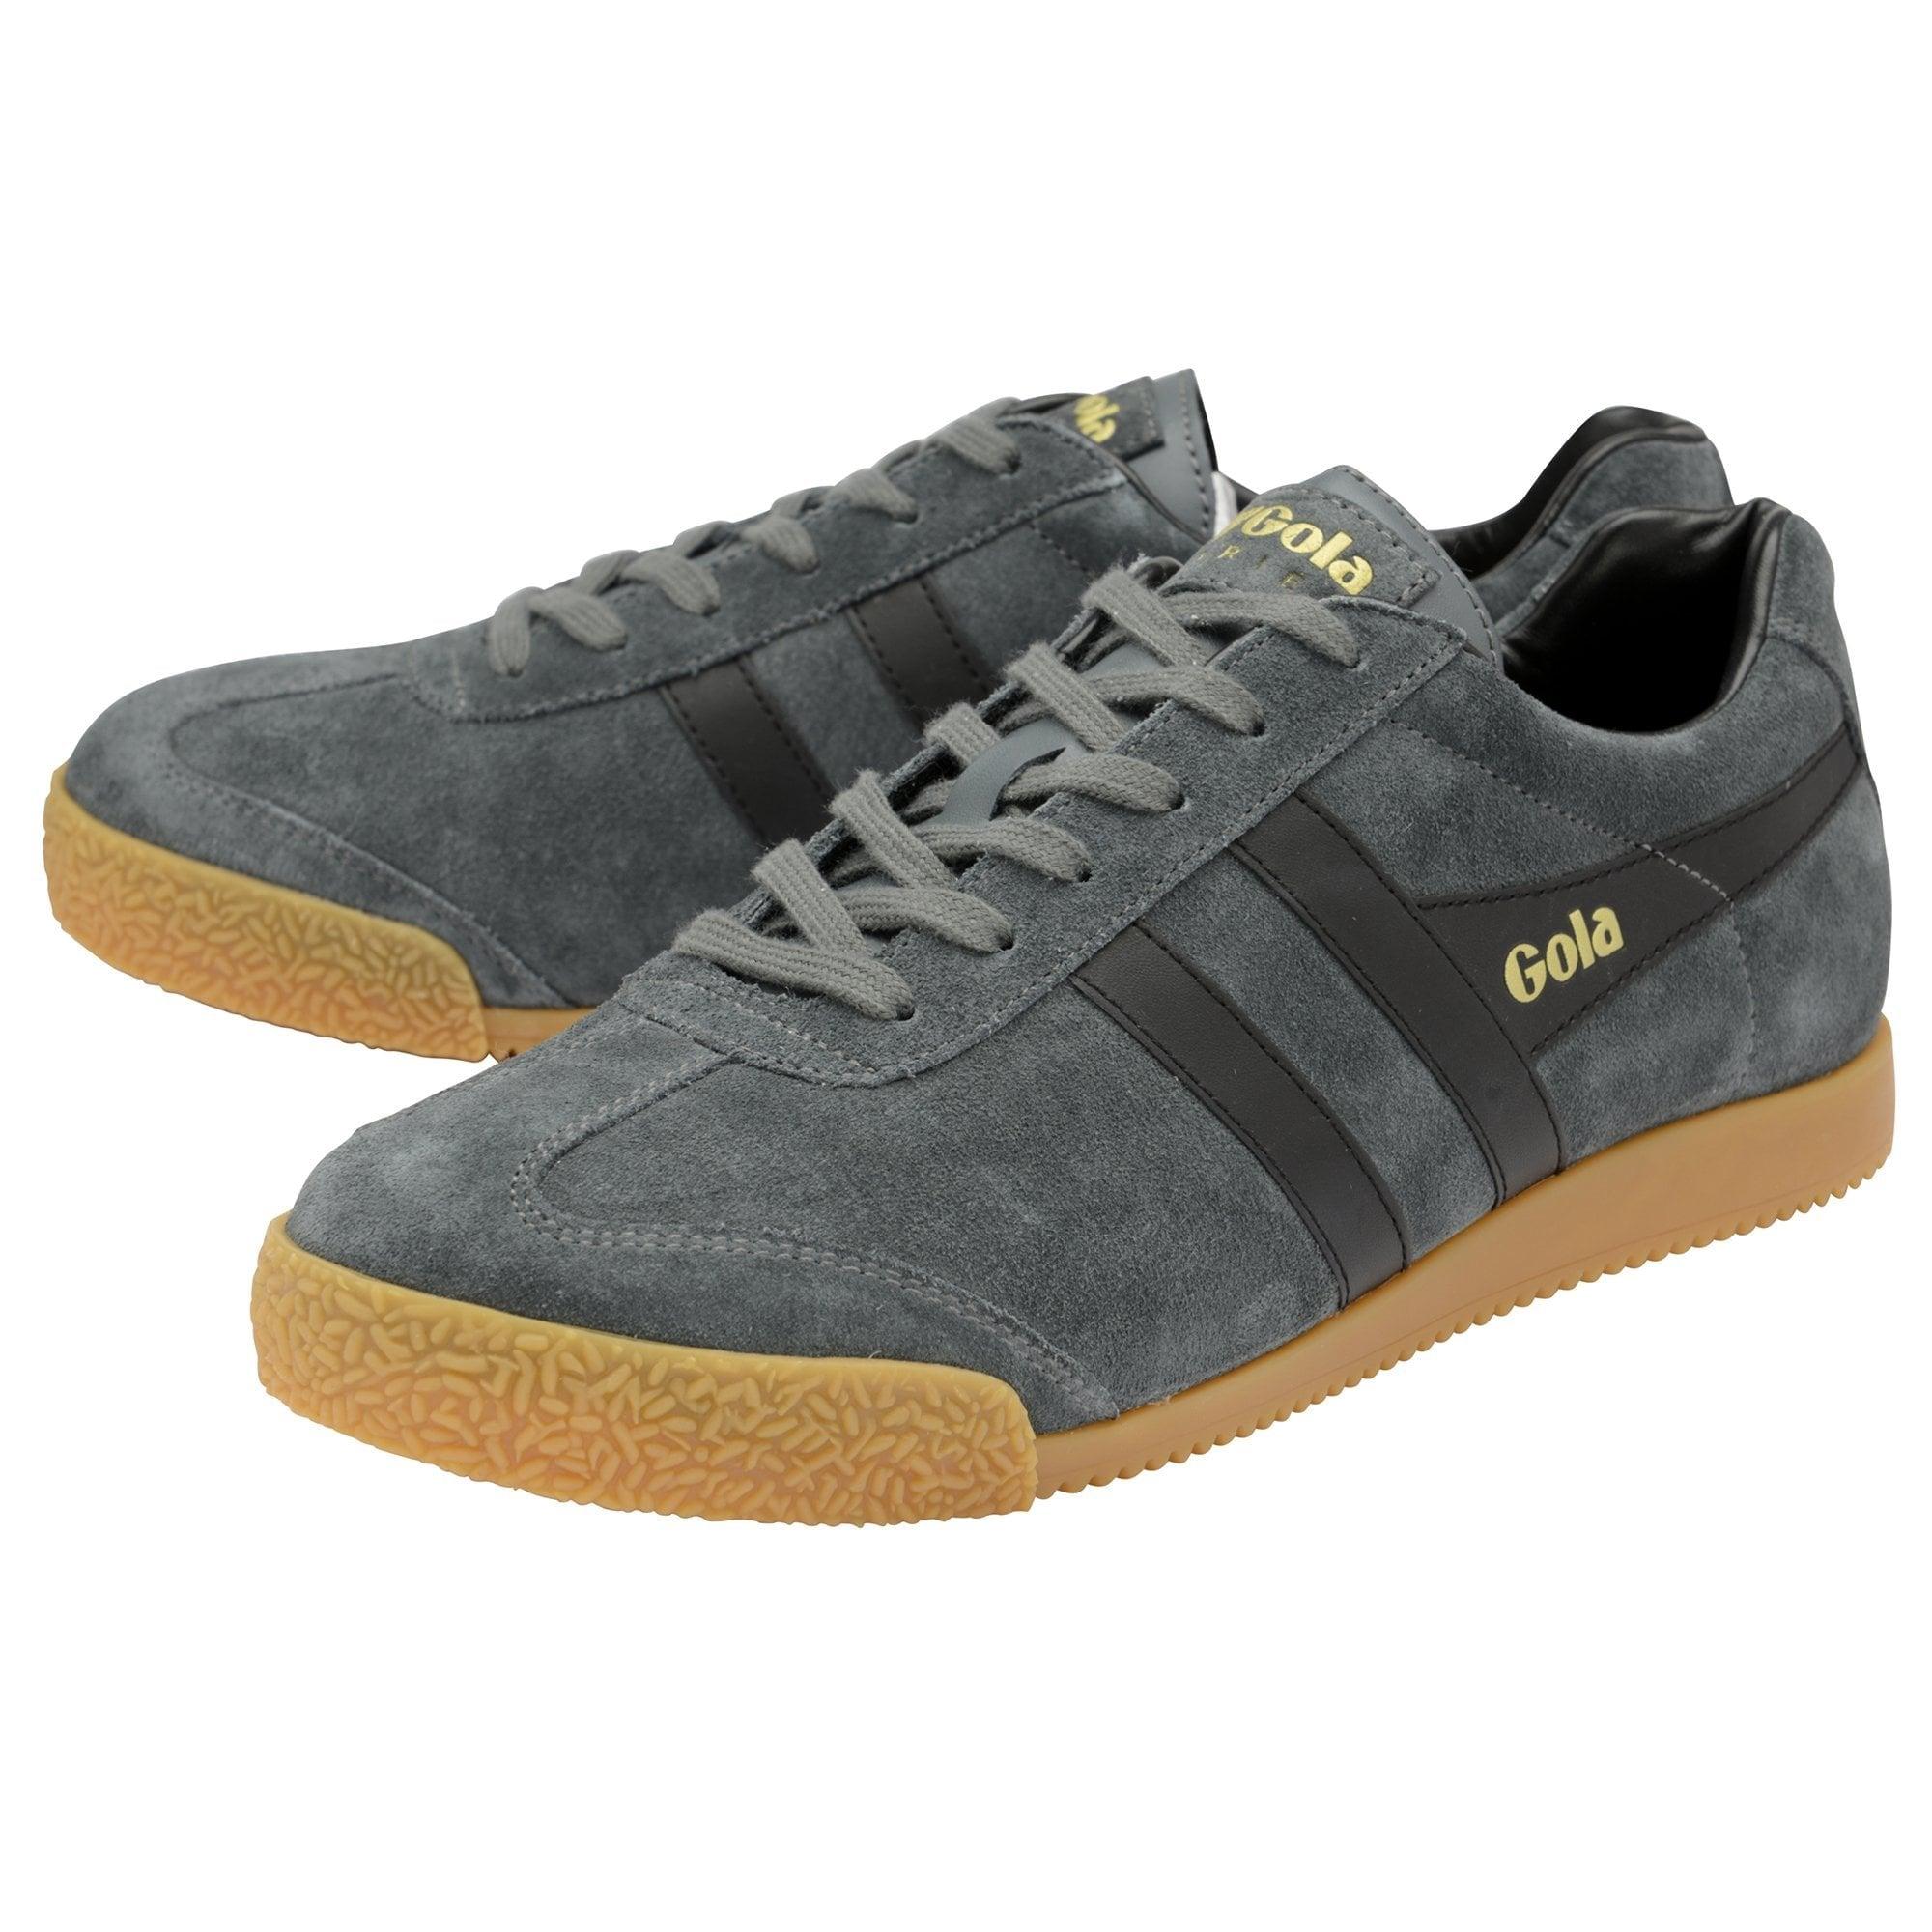 Buy Gola womens Harrier Suede sneakers